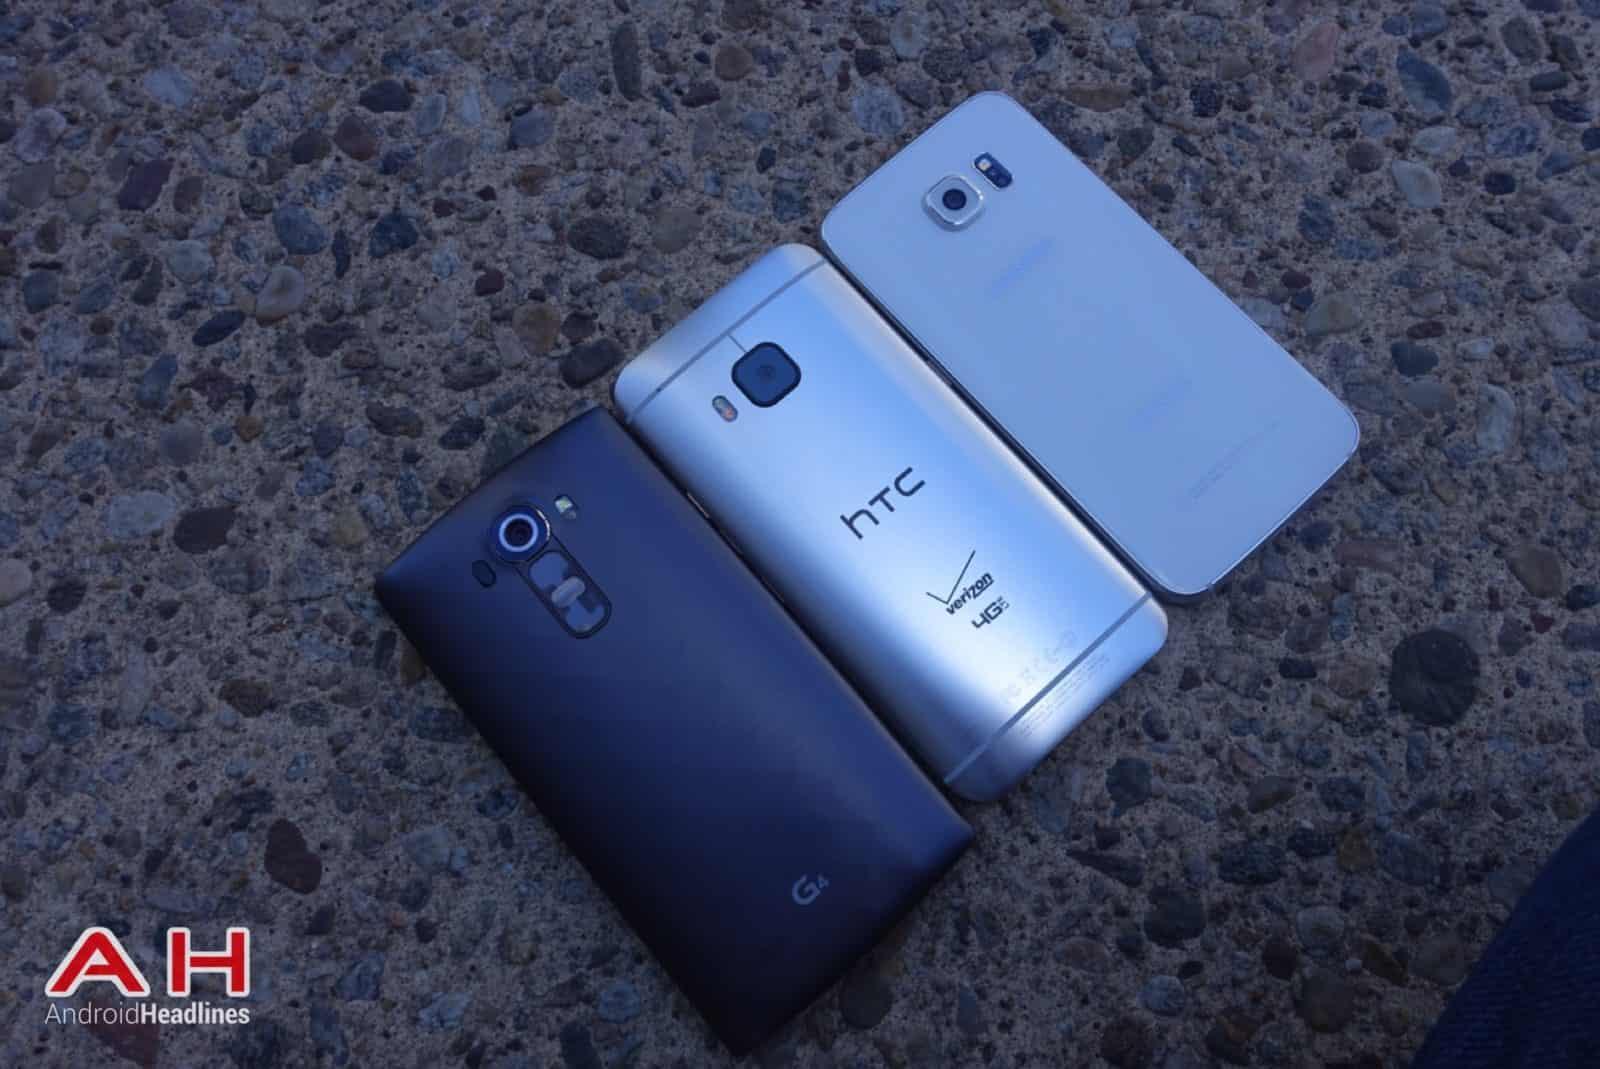 LG G4 Galaxy S6 One M9 AH 02